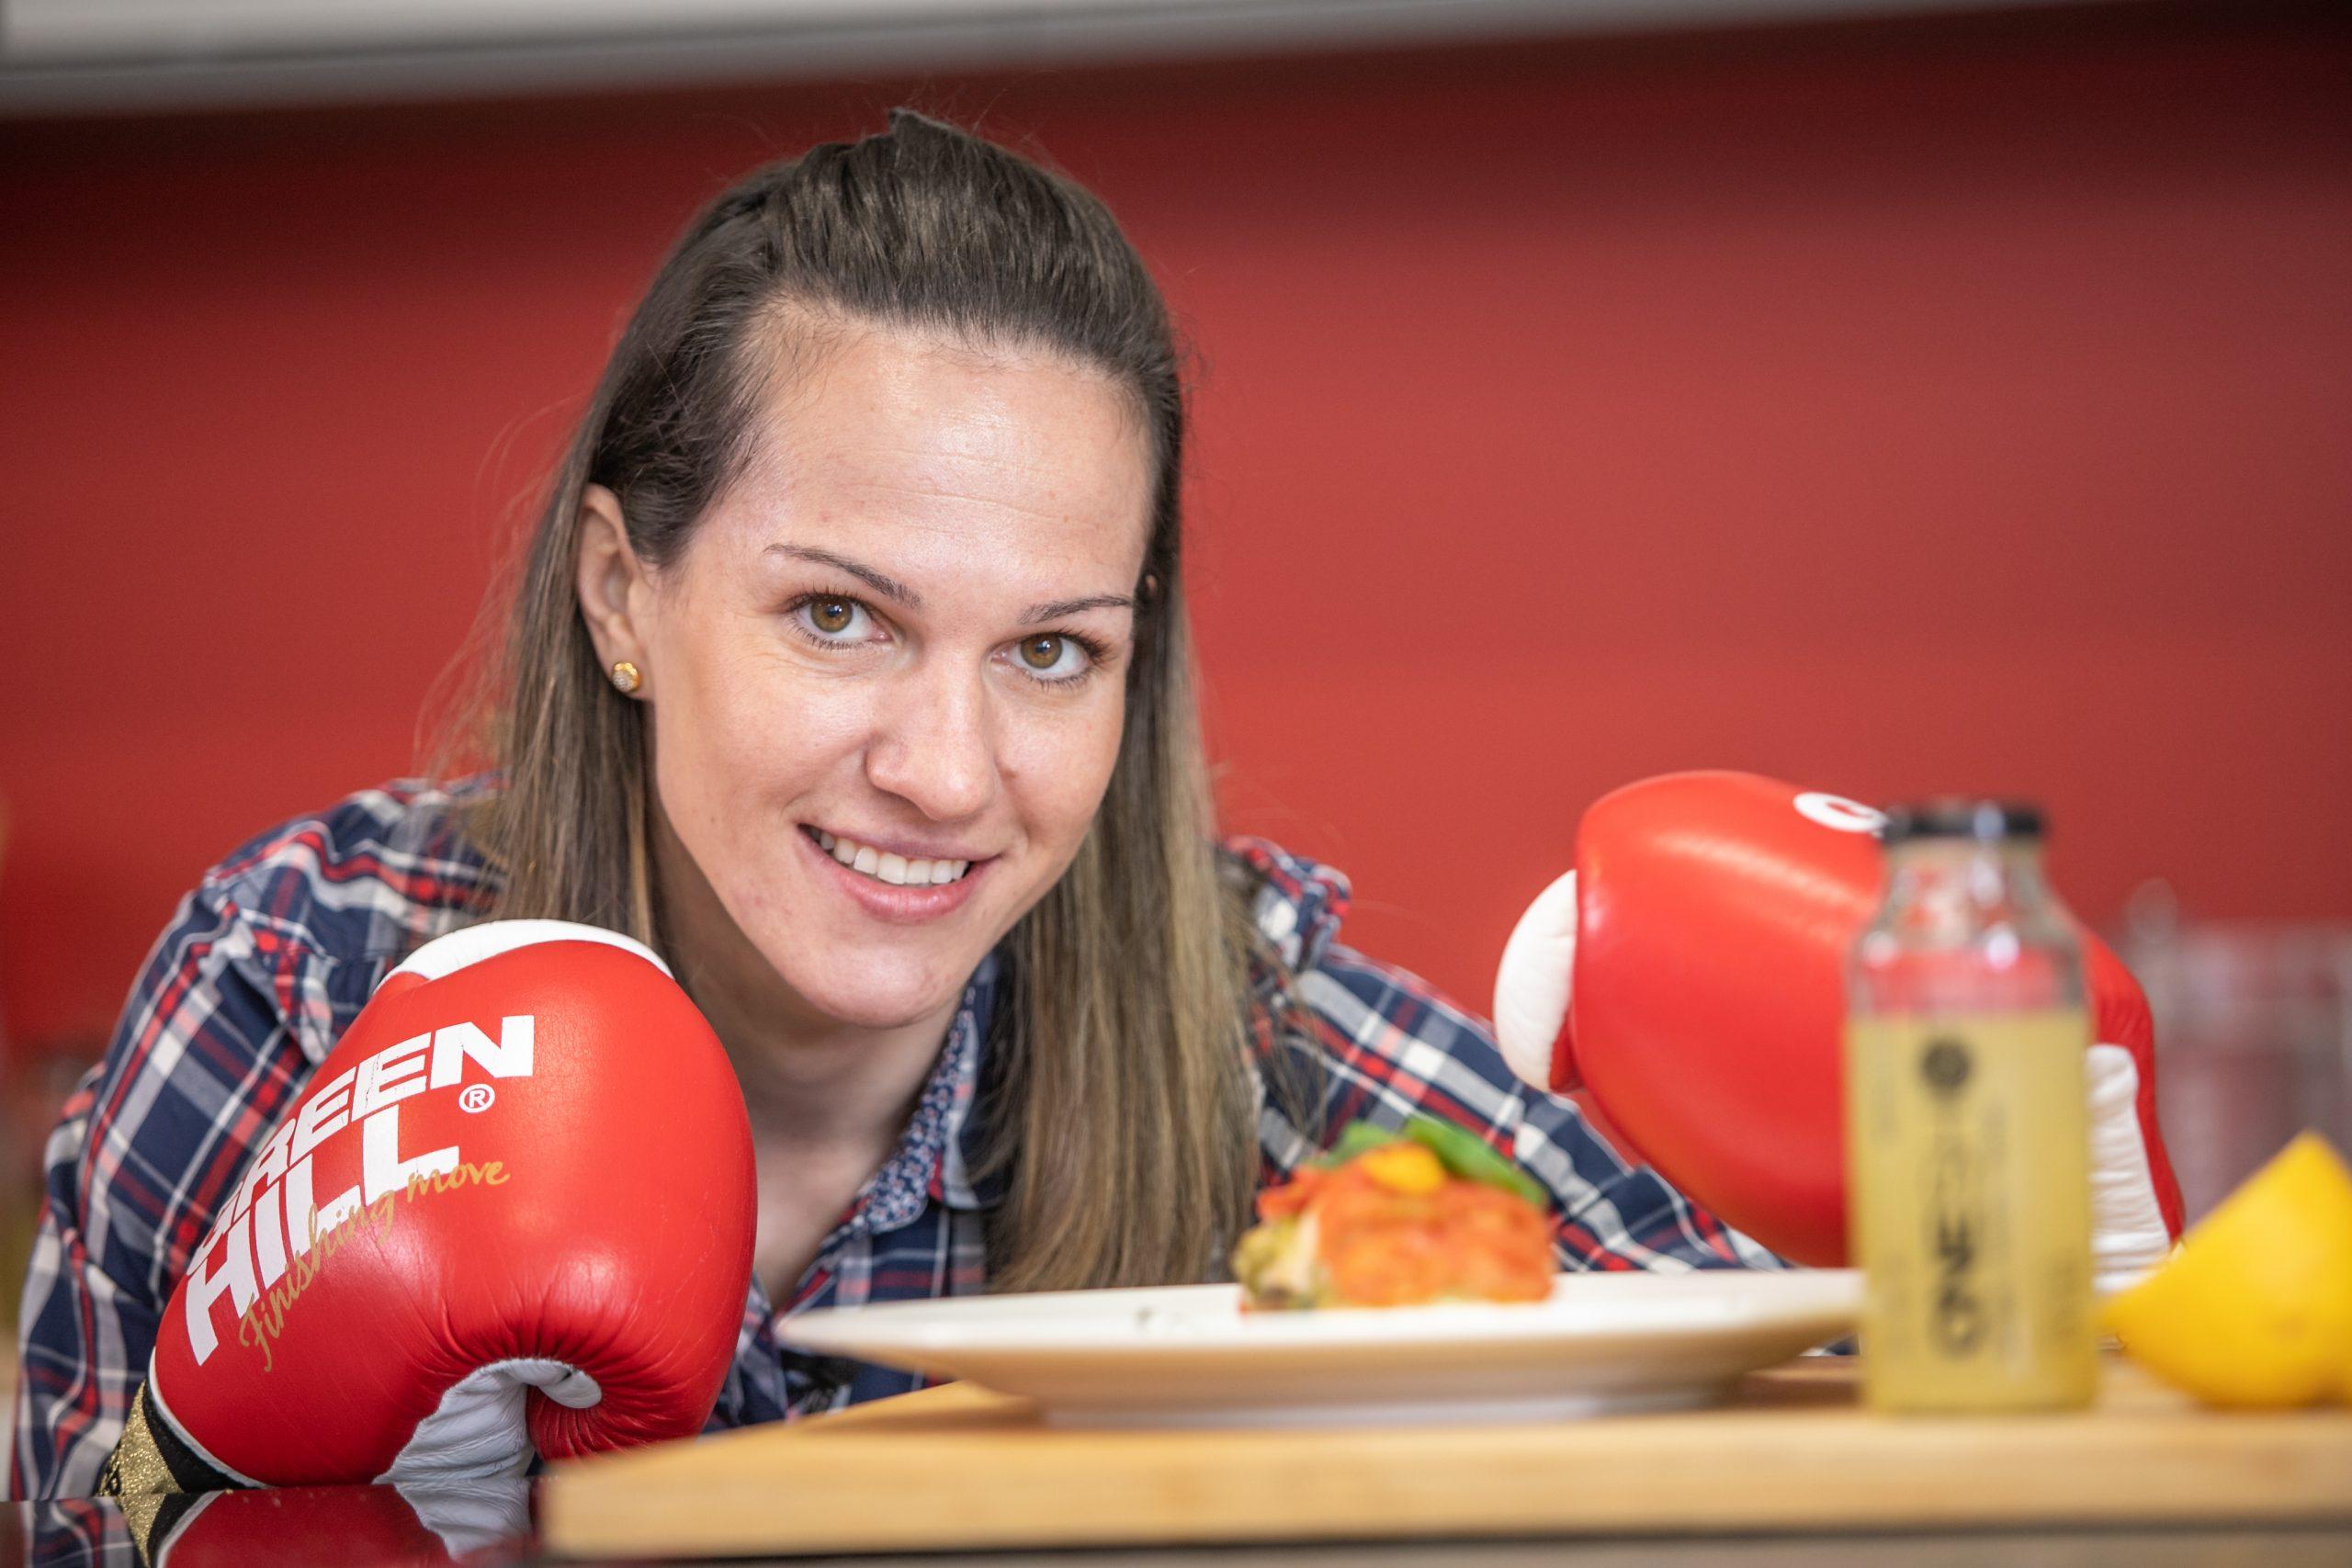 Шампиони в кухнята: Три здравословни рецепти от Станимира Петрова (ВИДЕО)